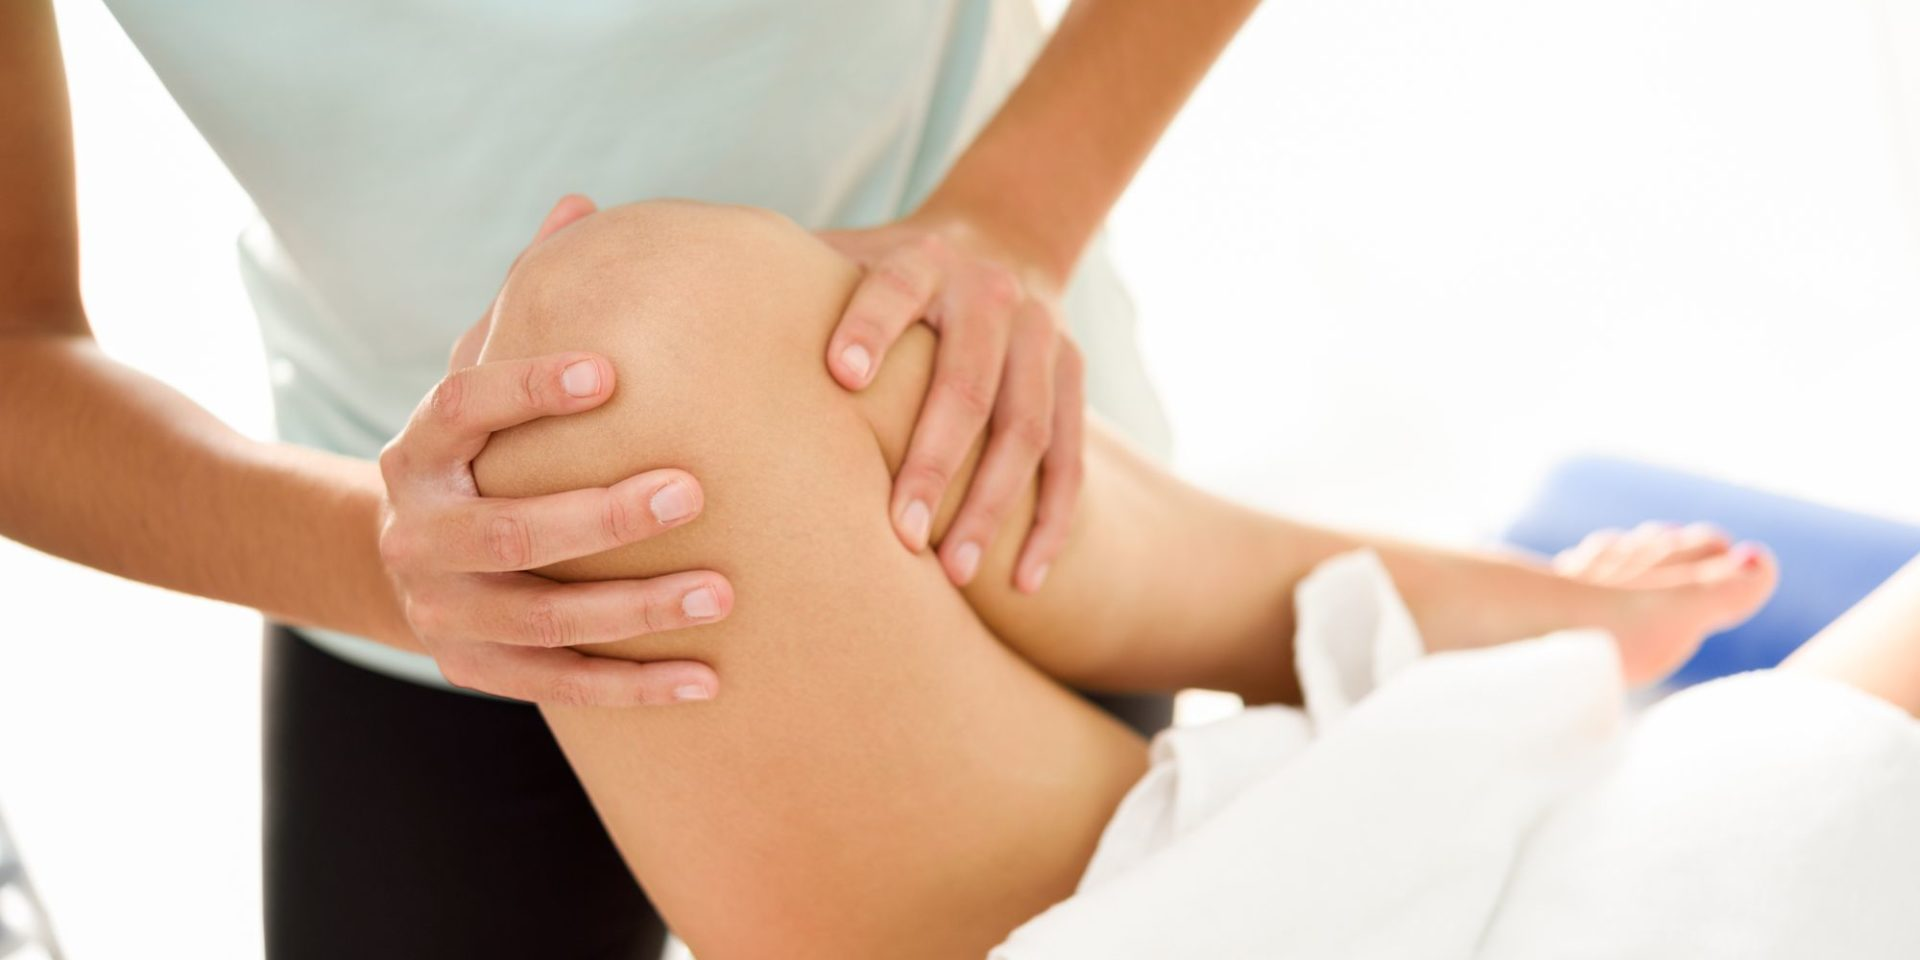 Fizijatar je lekar specijalista fizikalne medicine i rehabilitacije. Pregled fizijatra obuhvata opšti pregled i specijalni deo pregleda.